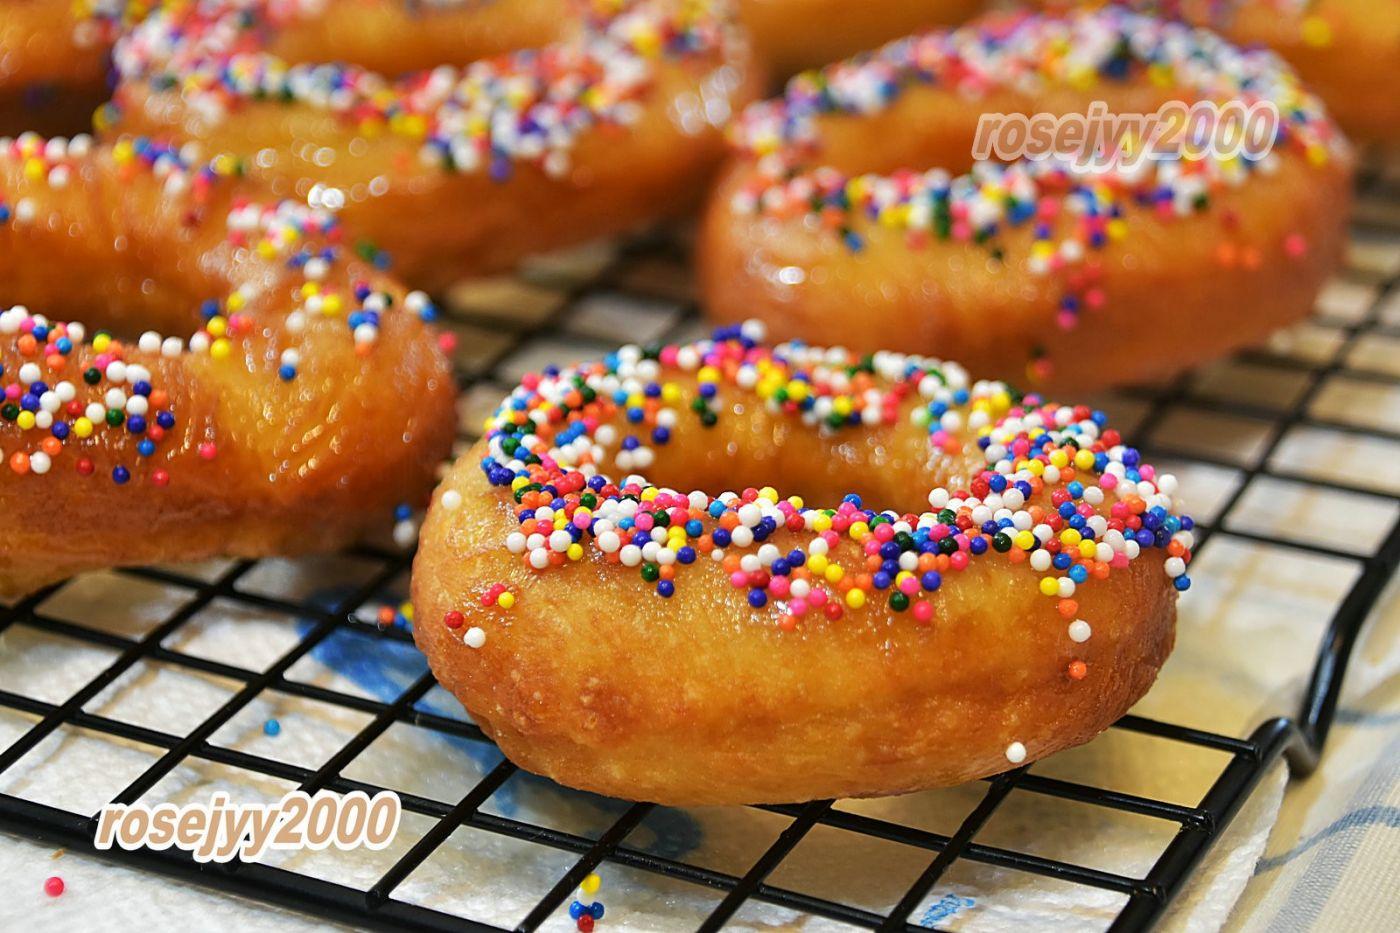 甜面圈 Doughnut_图1-4